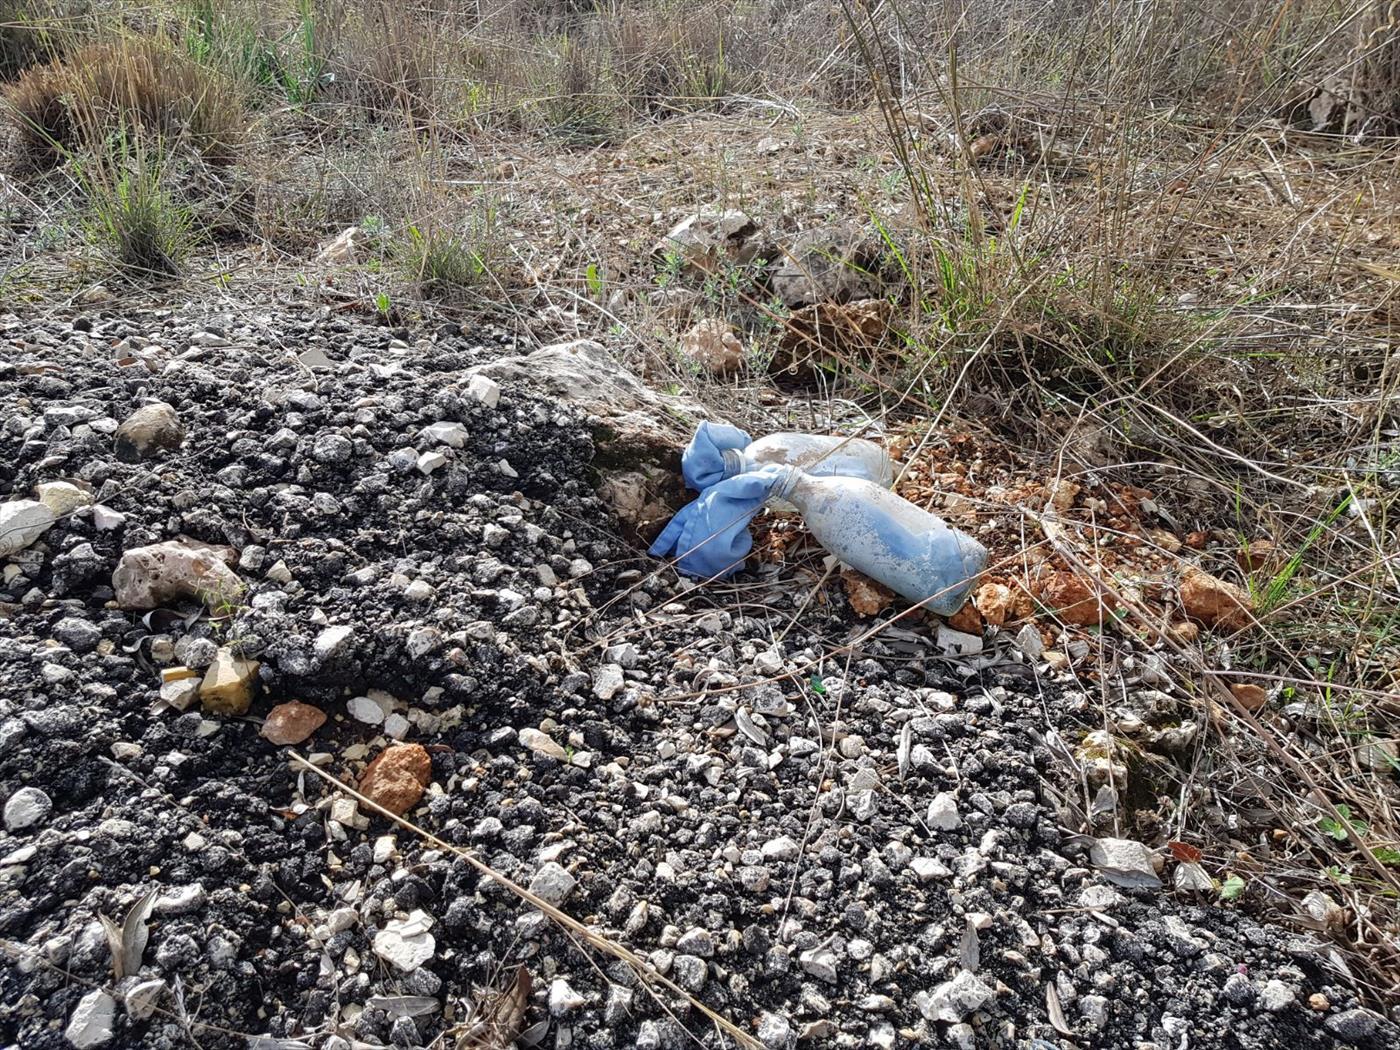 אבנים ובקבוקי תבערה שהשליכו ערבים בתחנת הדלק ברנטיס. צילום: אבי נעים